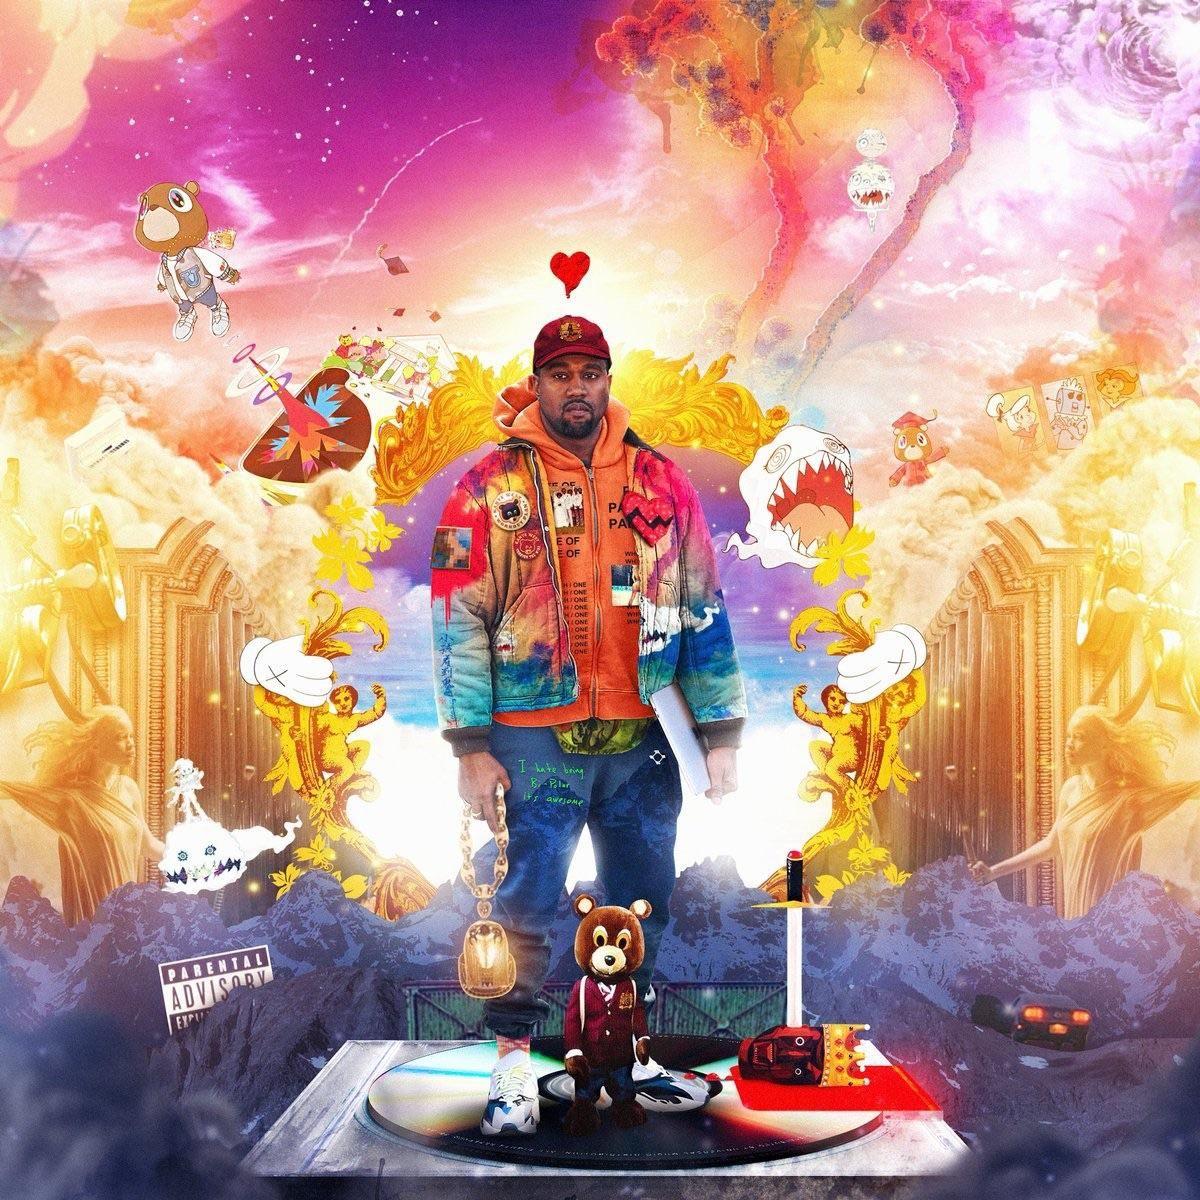 By Sjiht Kanye West Album Cover Kanye West Albums Kanye West Wallpaper